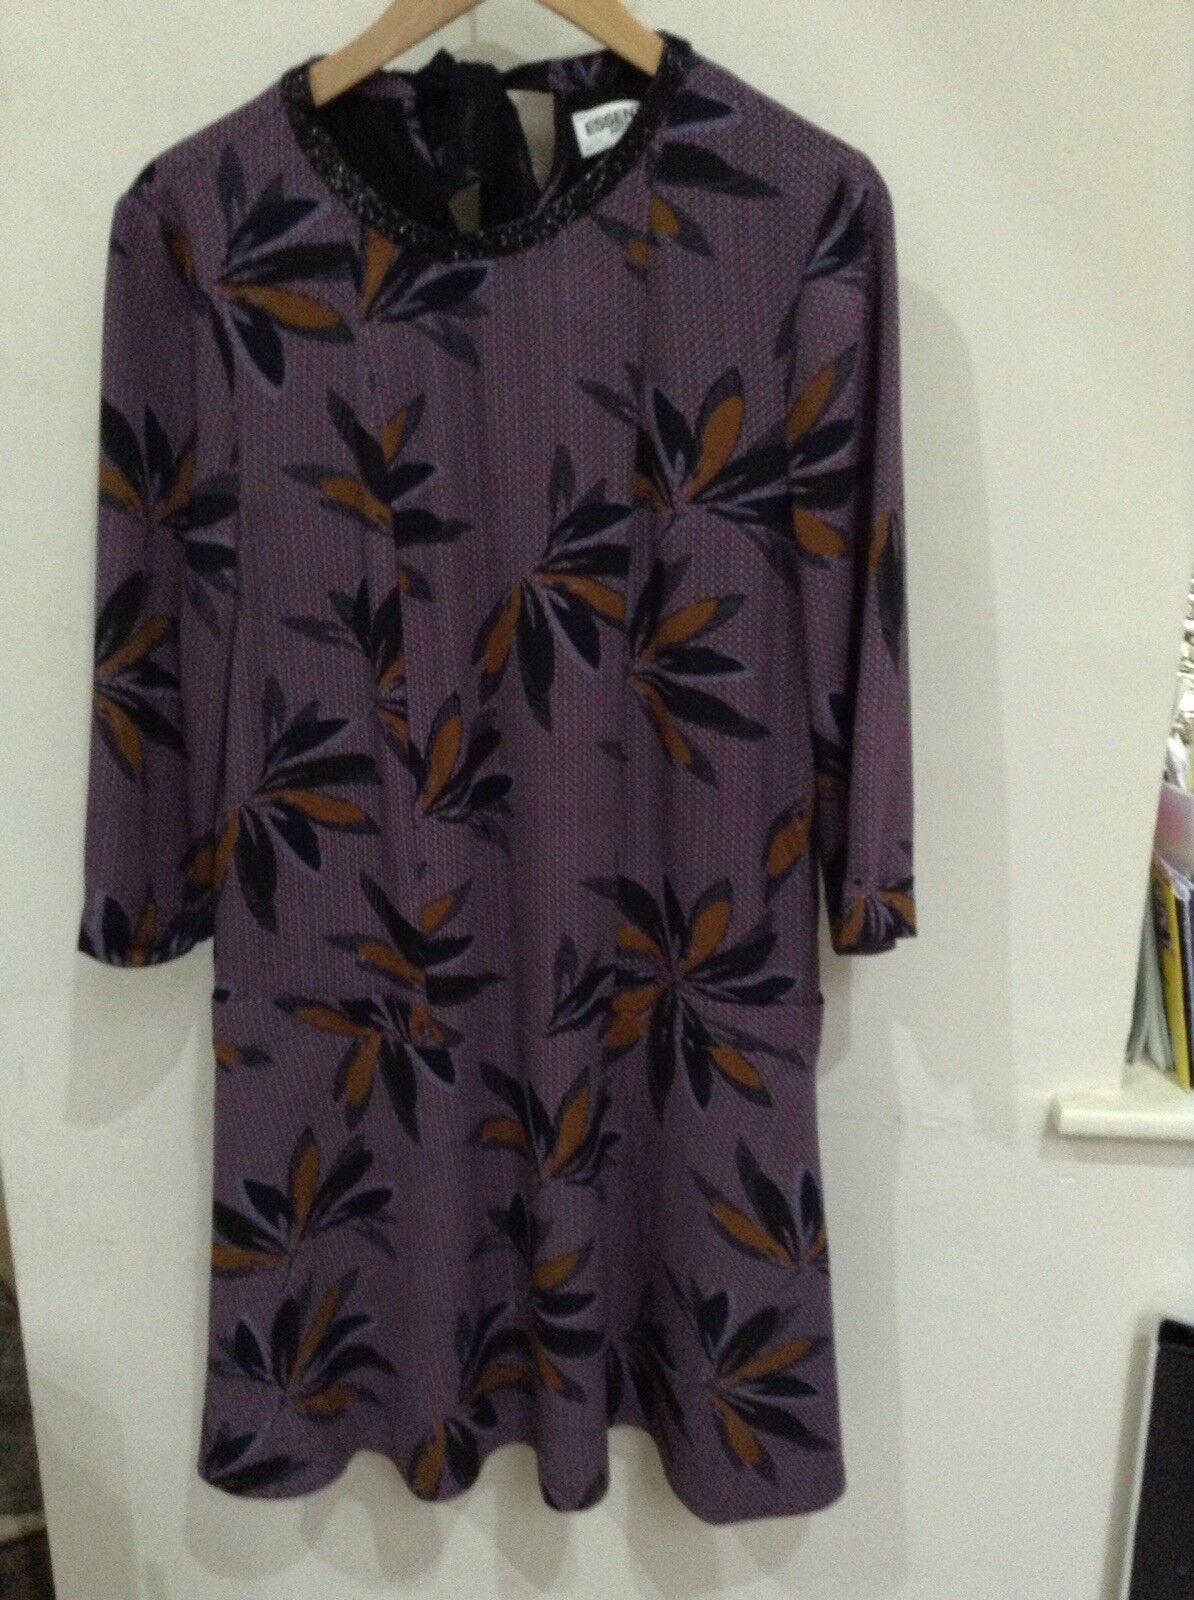 Essentiel antwerp Dress In Purple Print Size 12